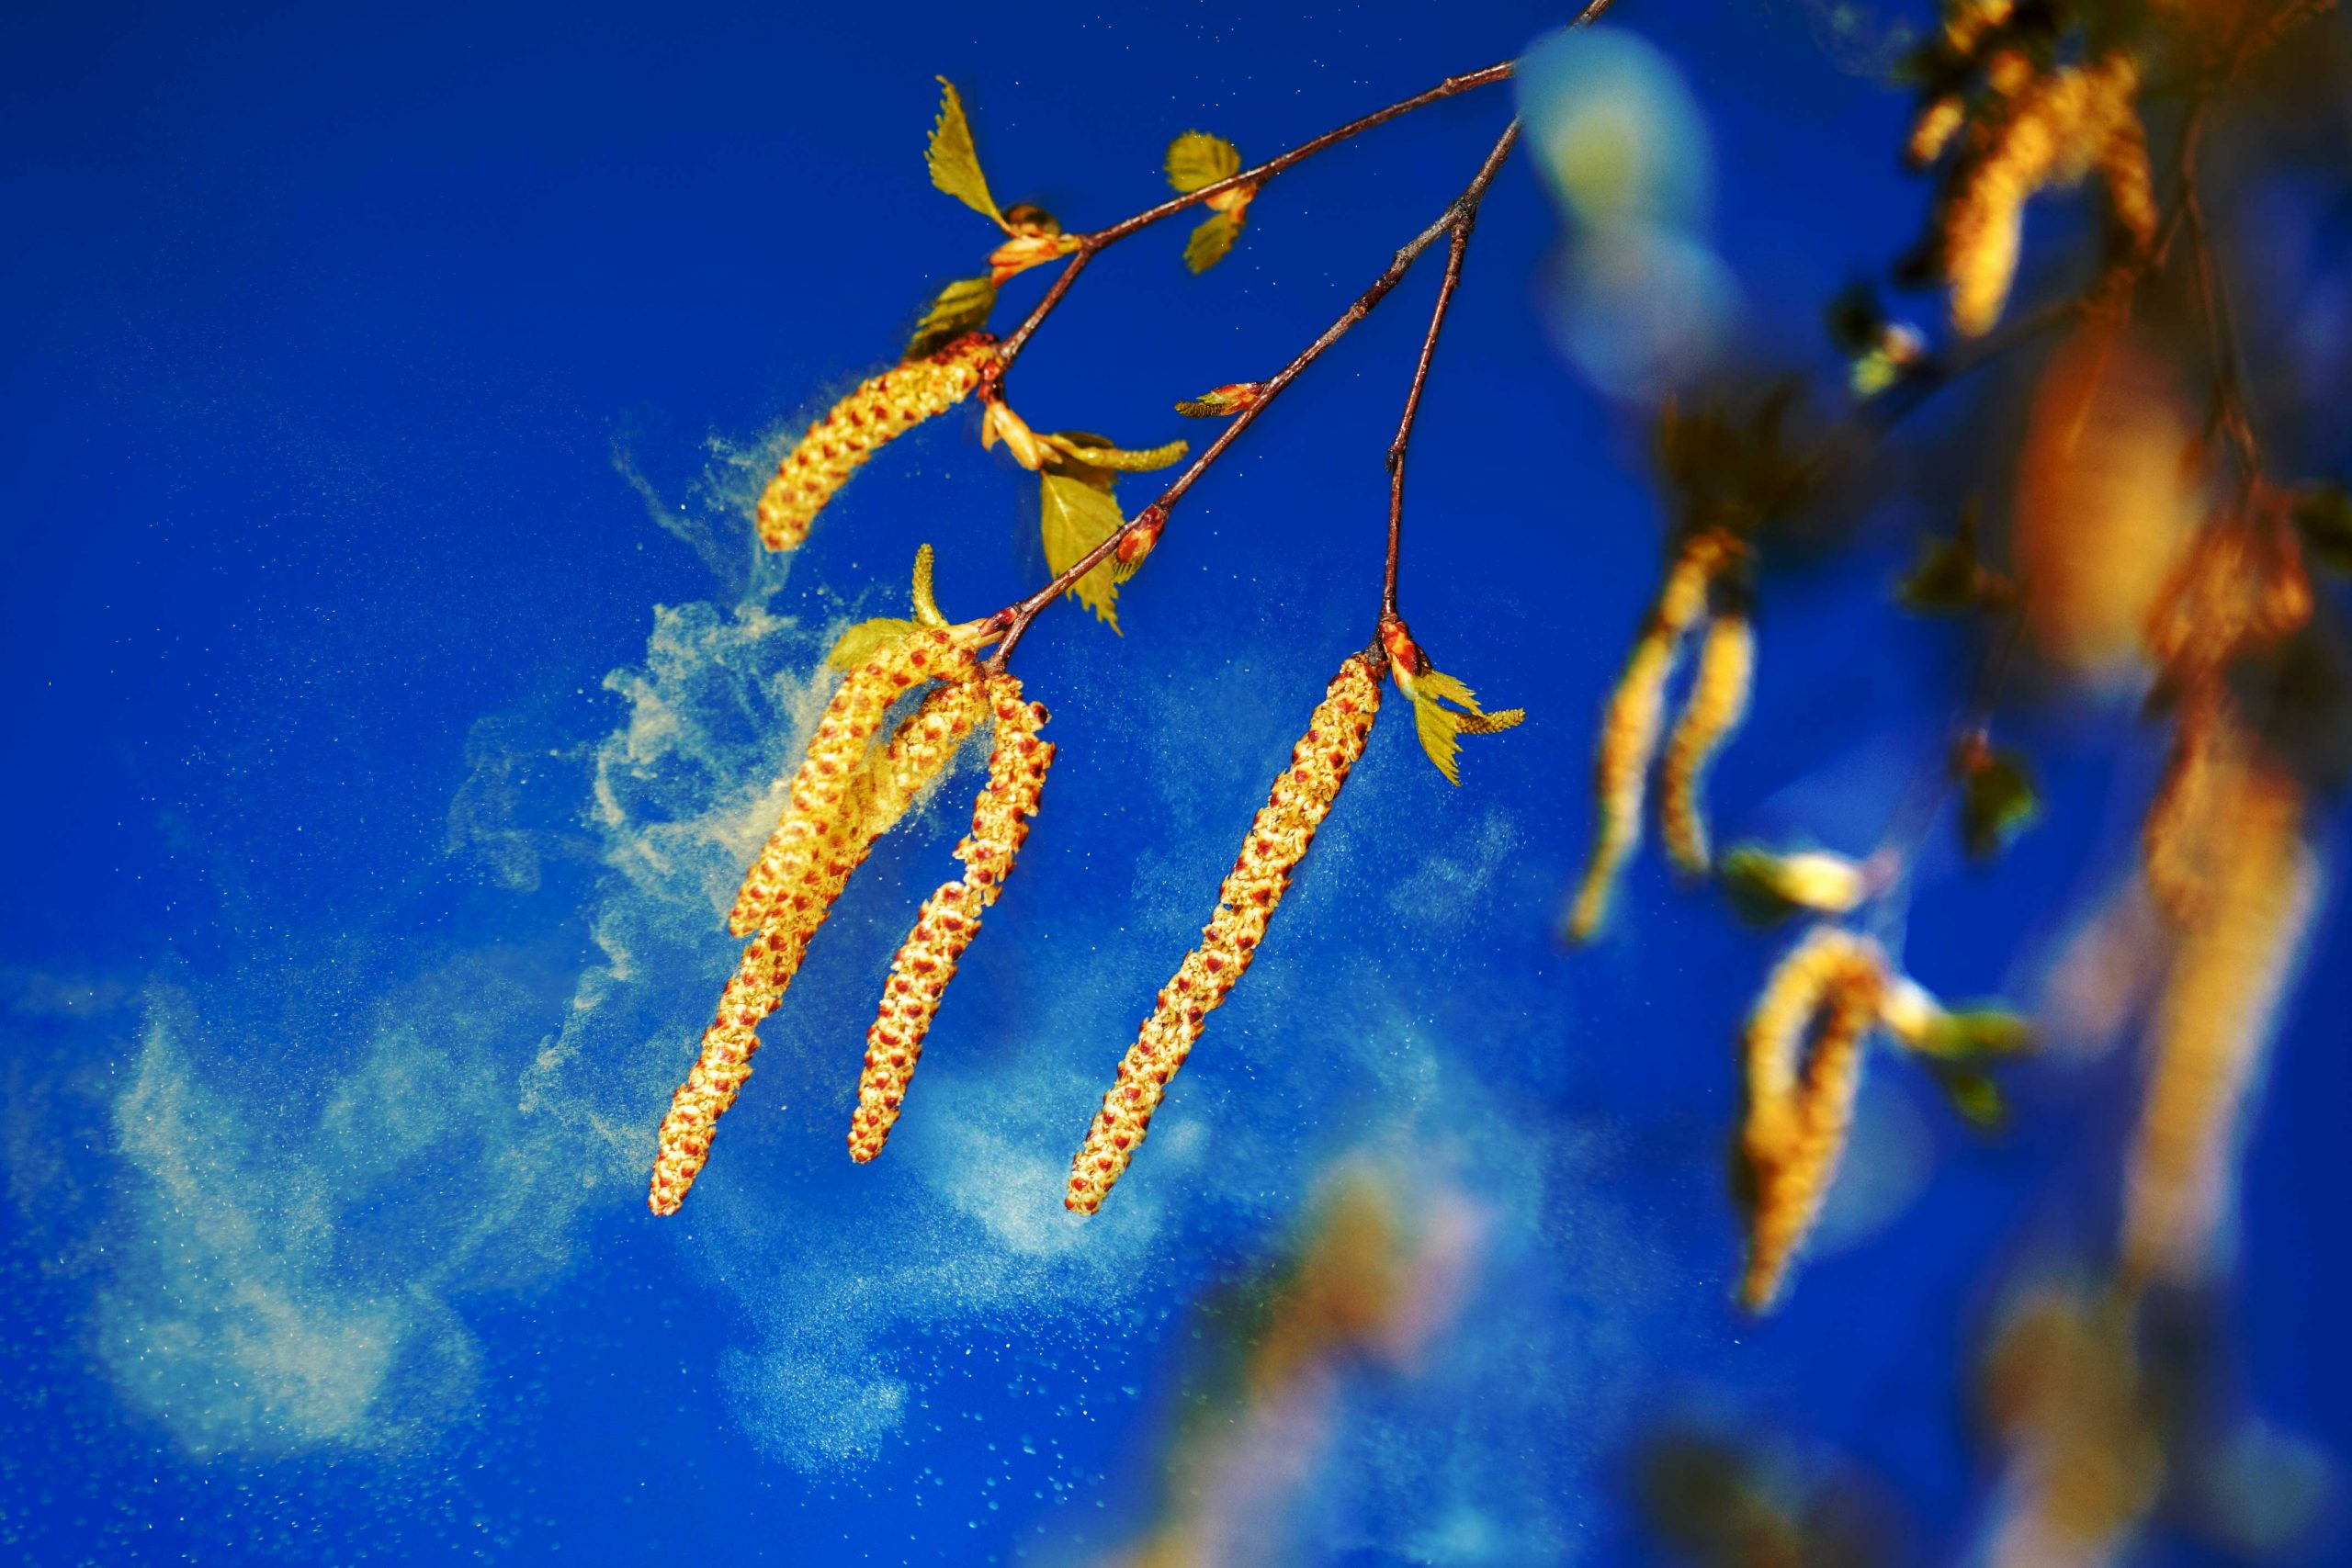 Détecter en temps réel la présence des pollens dans l'air